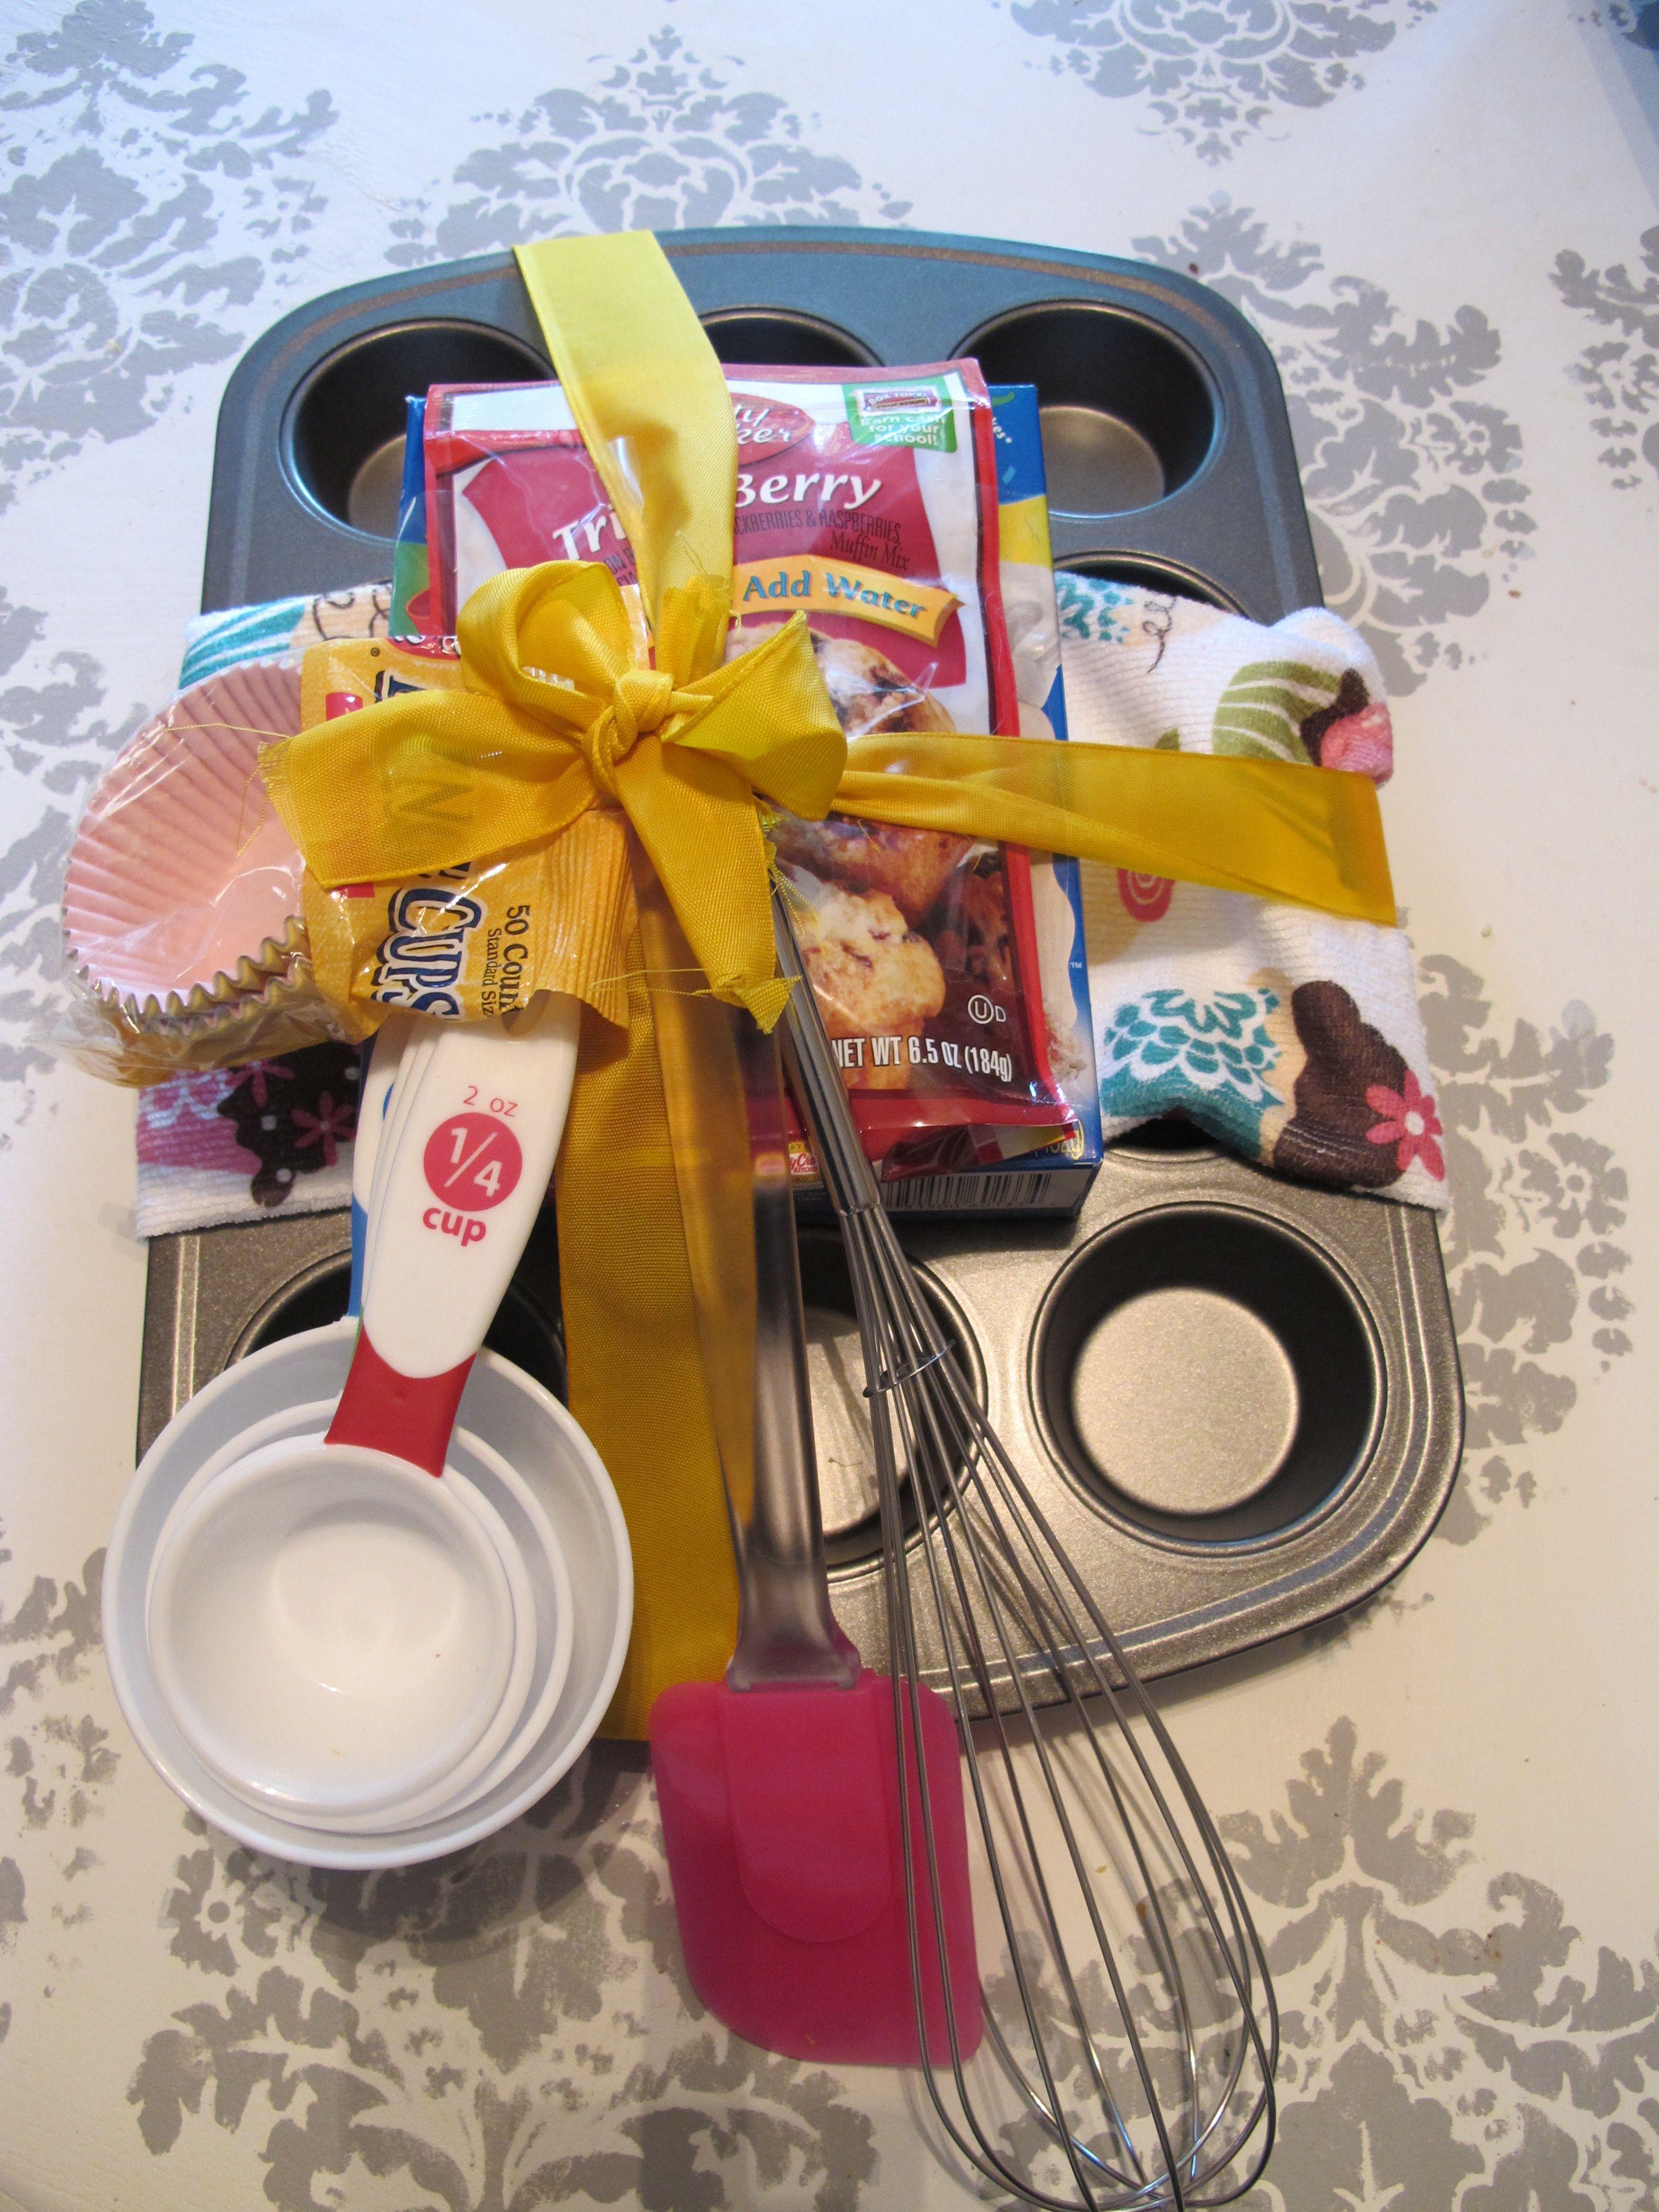 Baking gift baking gifts cupcake gift homemade gifts